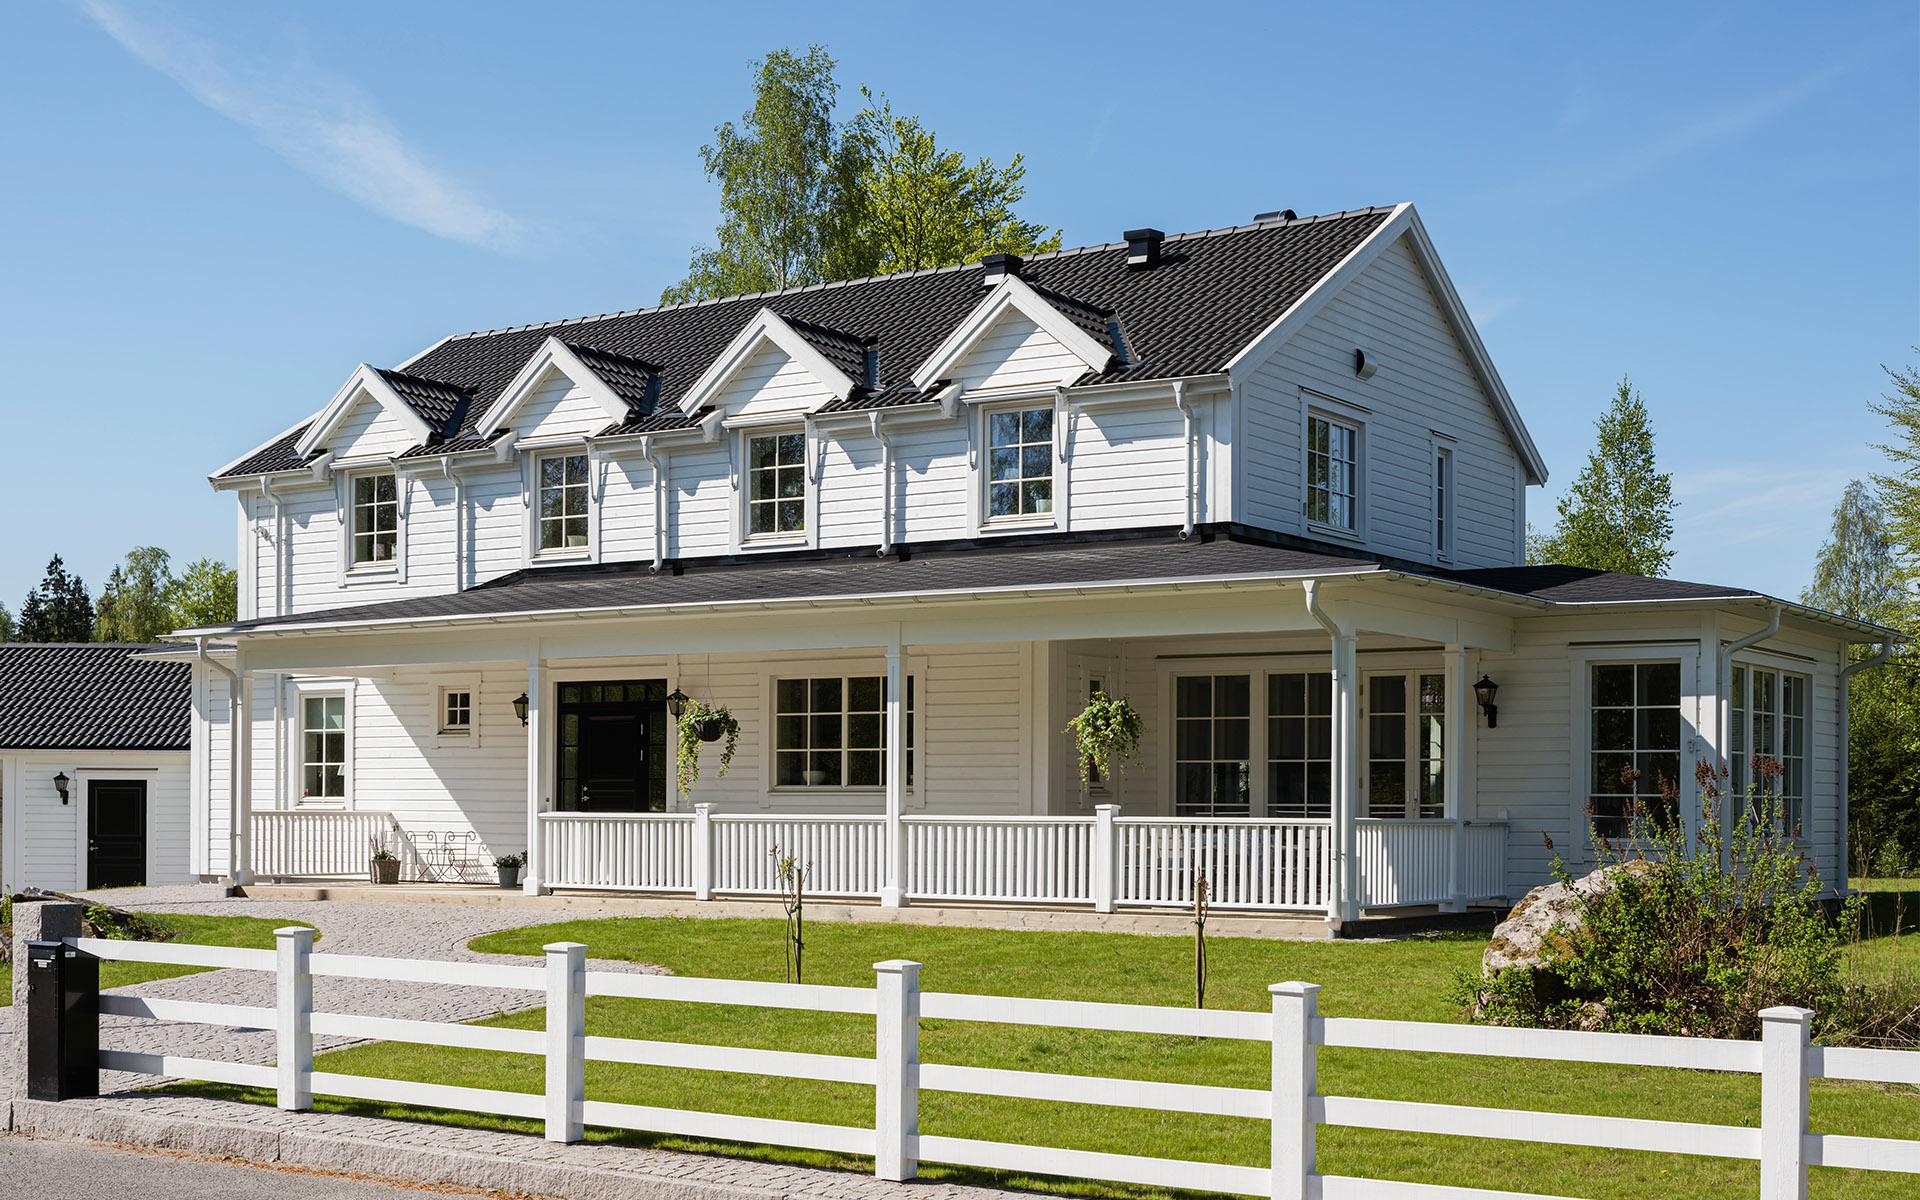 willa-nordic-a3031-arkitektritat-liggande- 0002 A3031-8-av-15